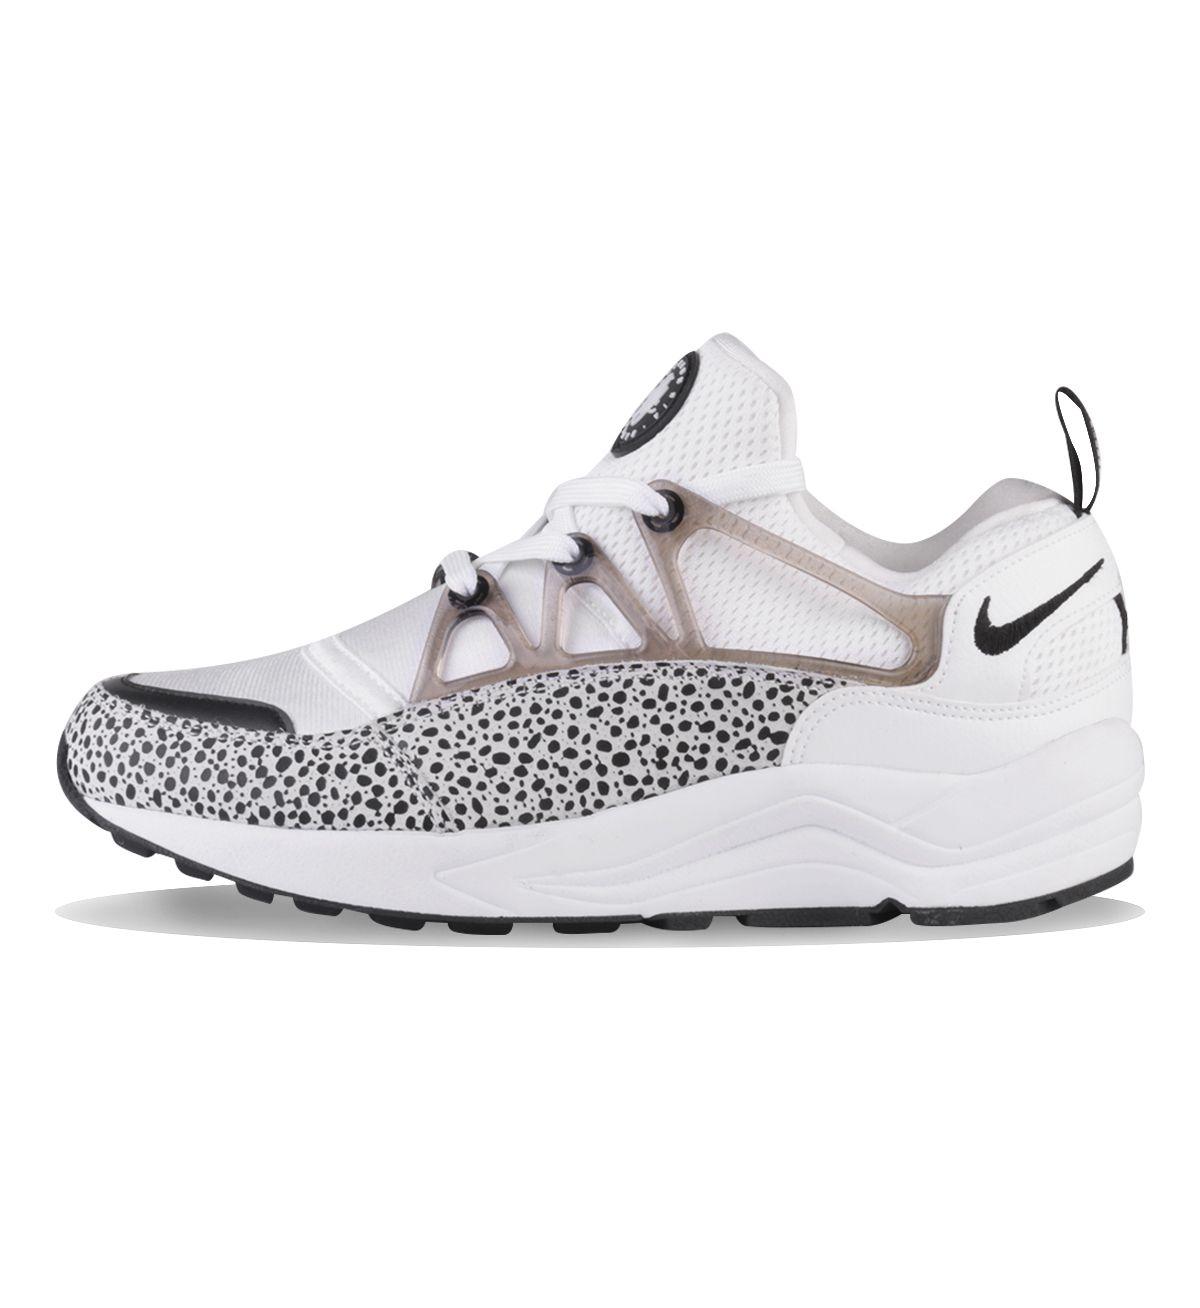 Womens Black Wmns White Light Air Nike Huarache Premium 8gfq70